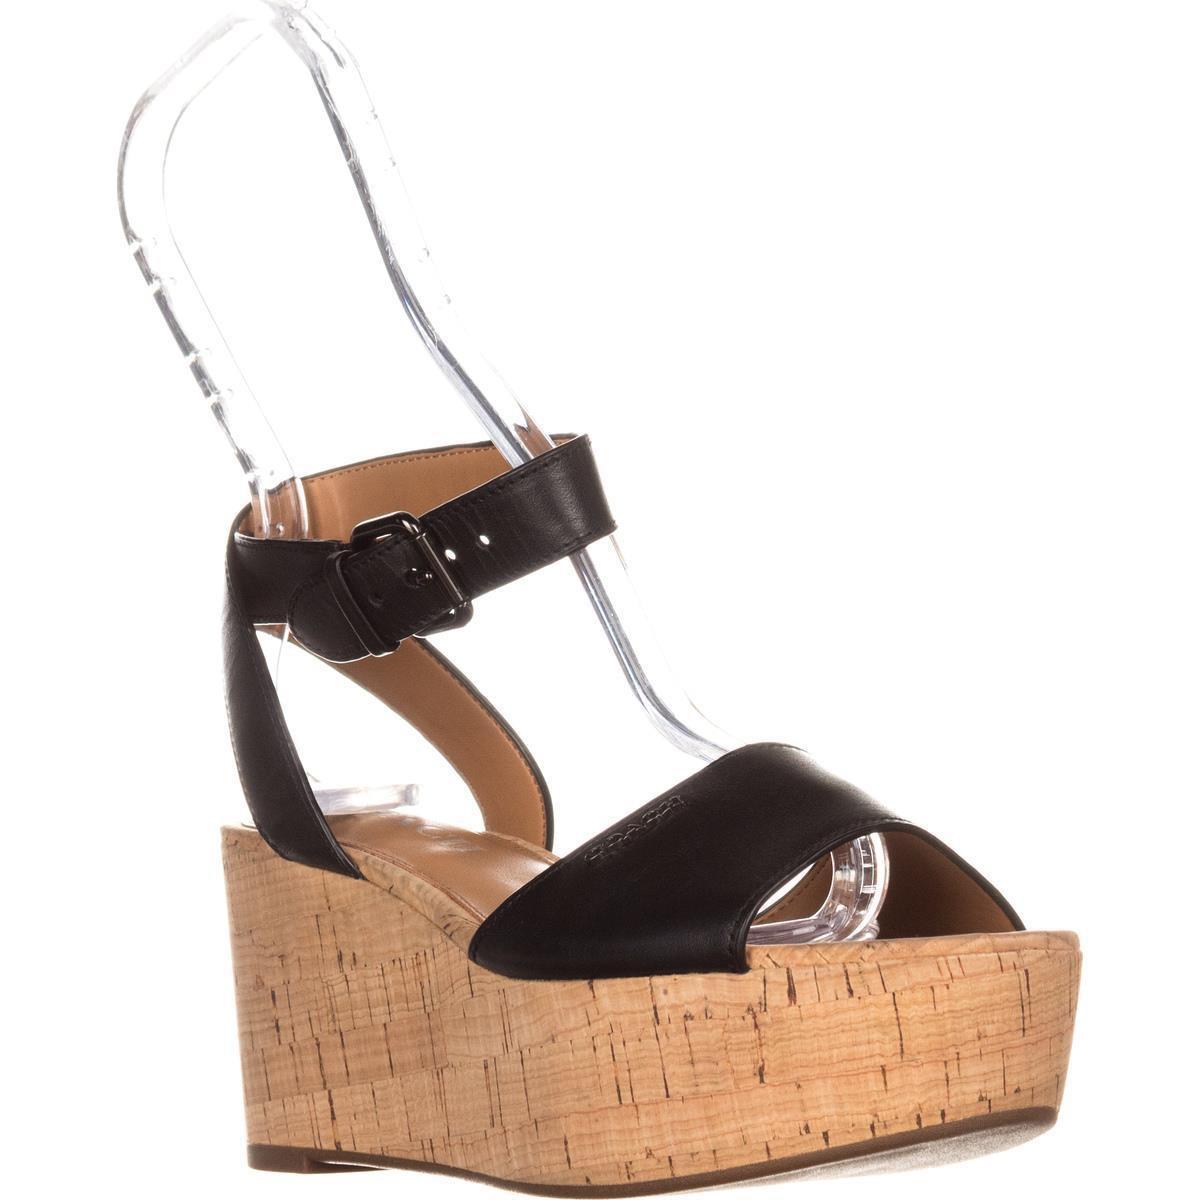 303de29c1d04 Lyst - Coach Becka Platform Ankle Strap Sandals in Black